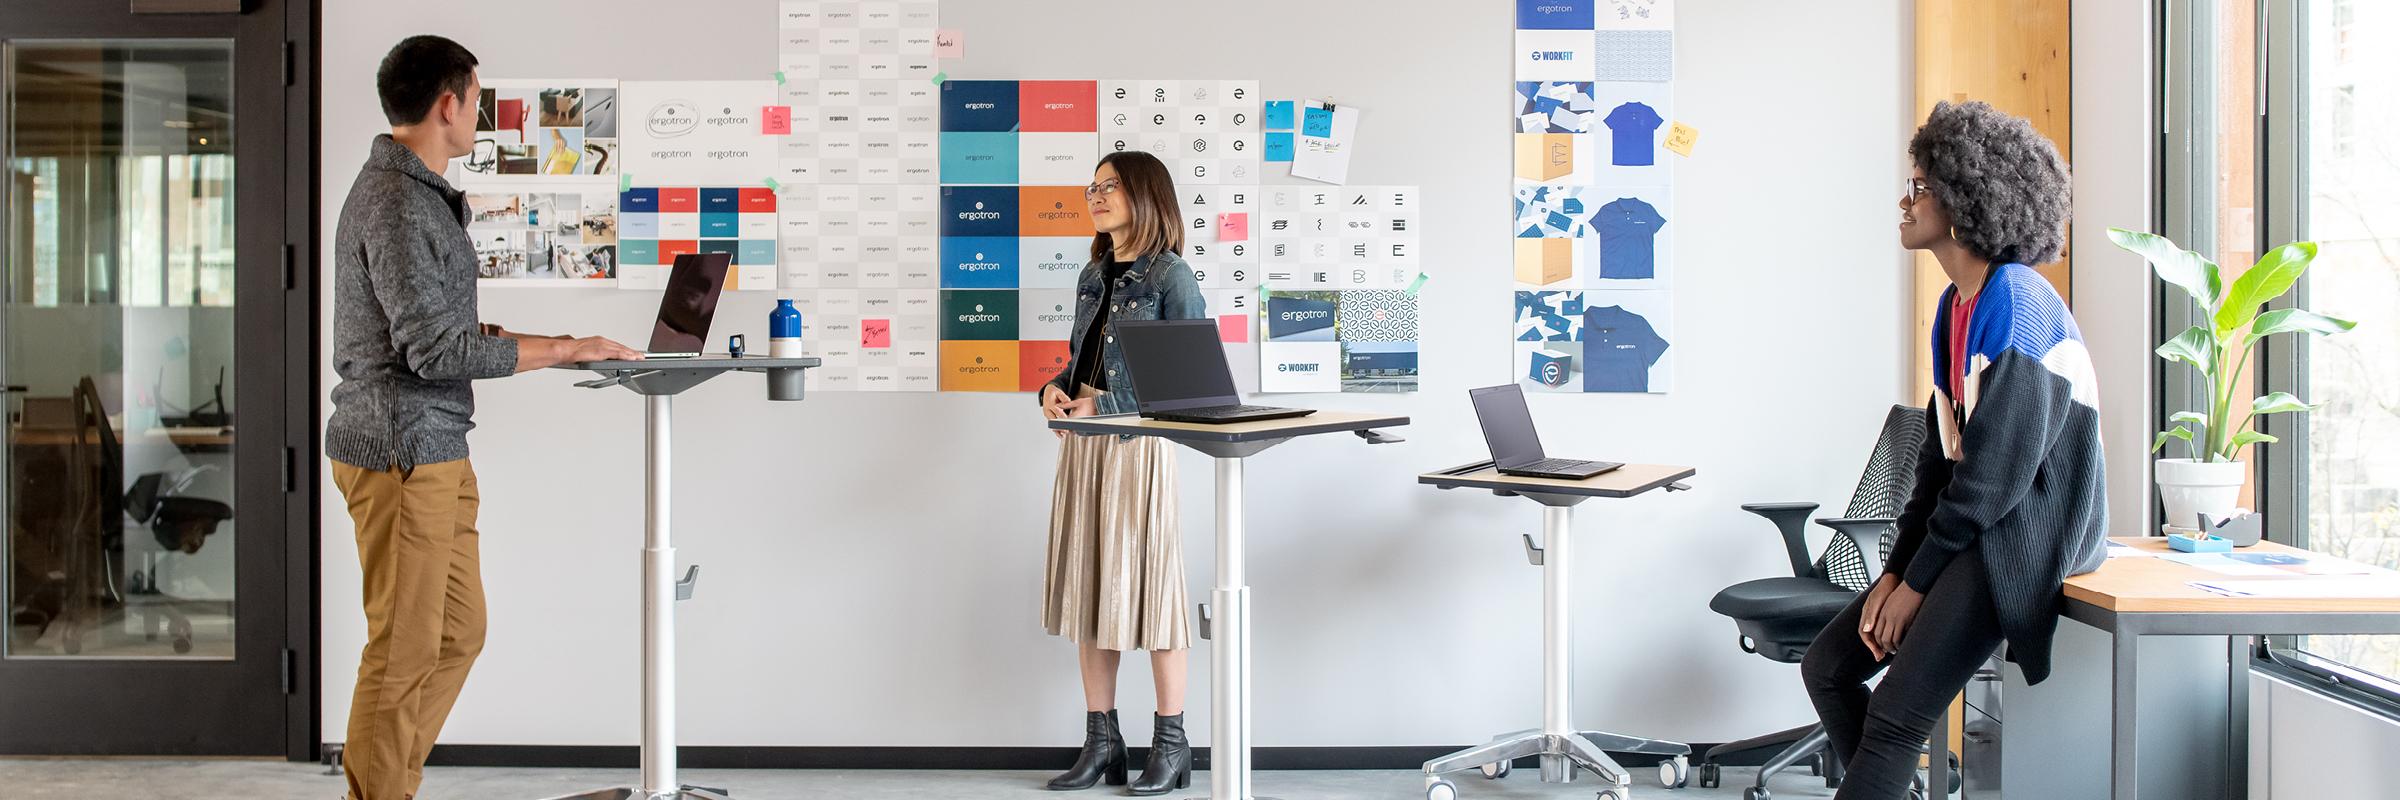 Mobile desk collaboration